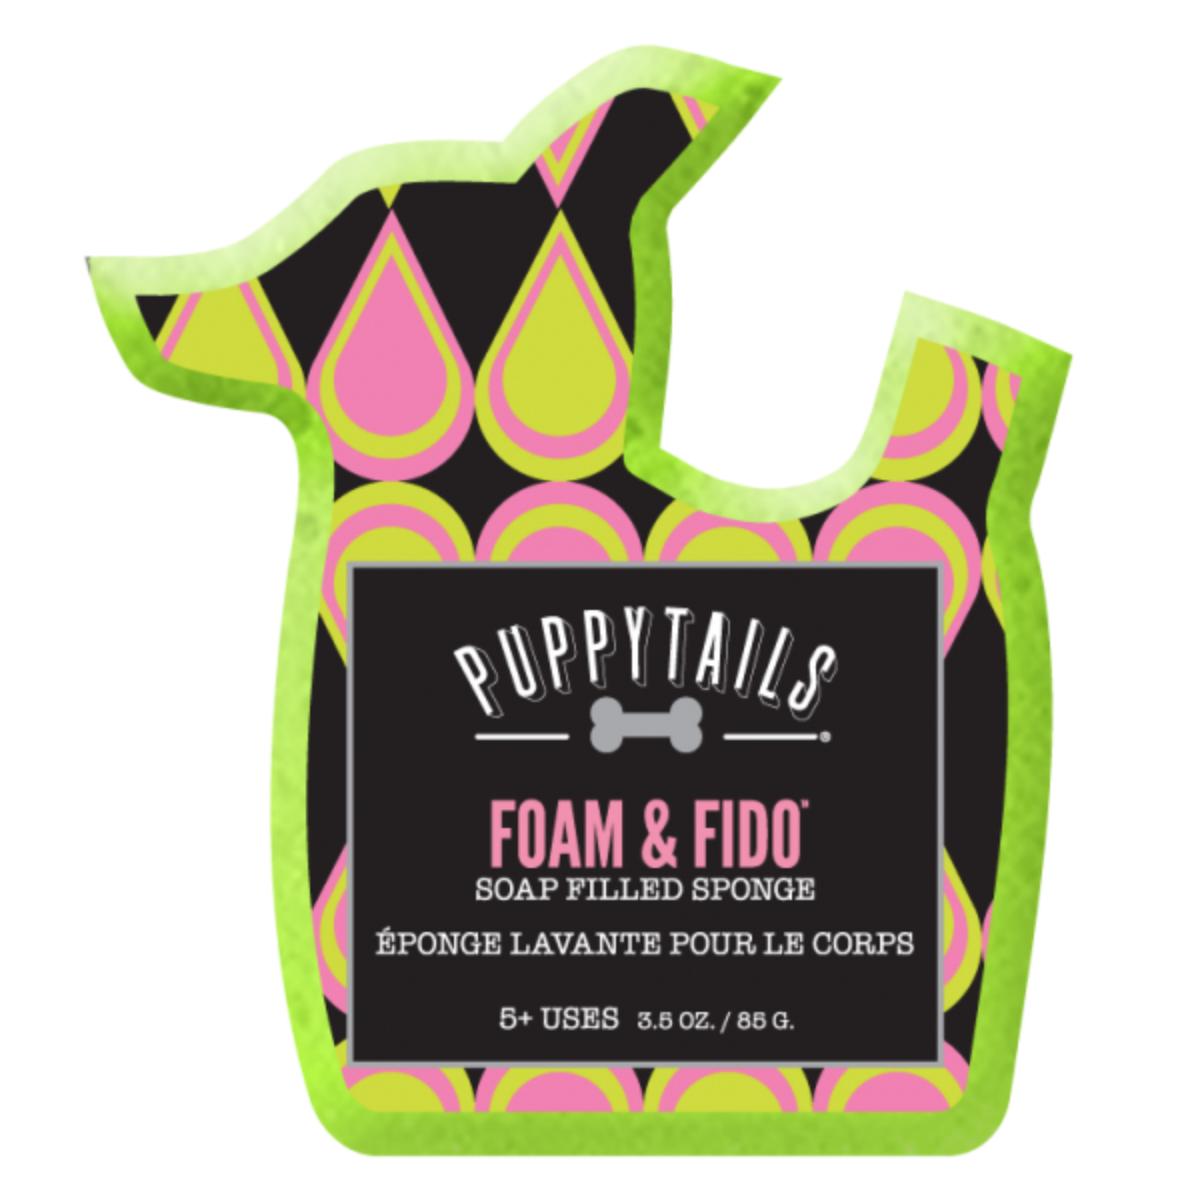 Puppytails Foam & Fido Soap Infused Sponge Soap, Sponge